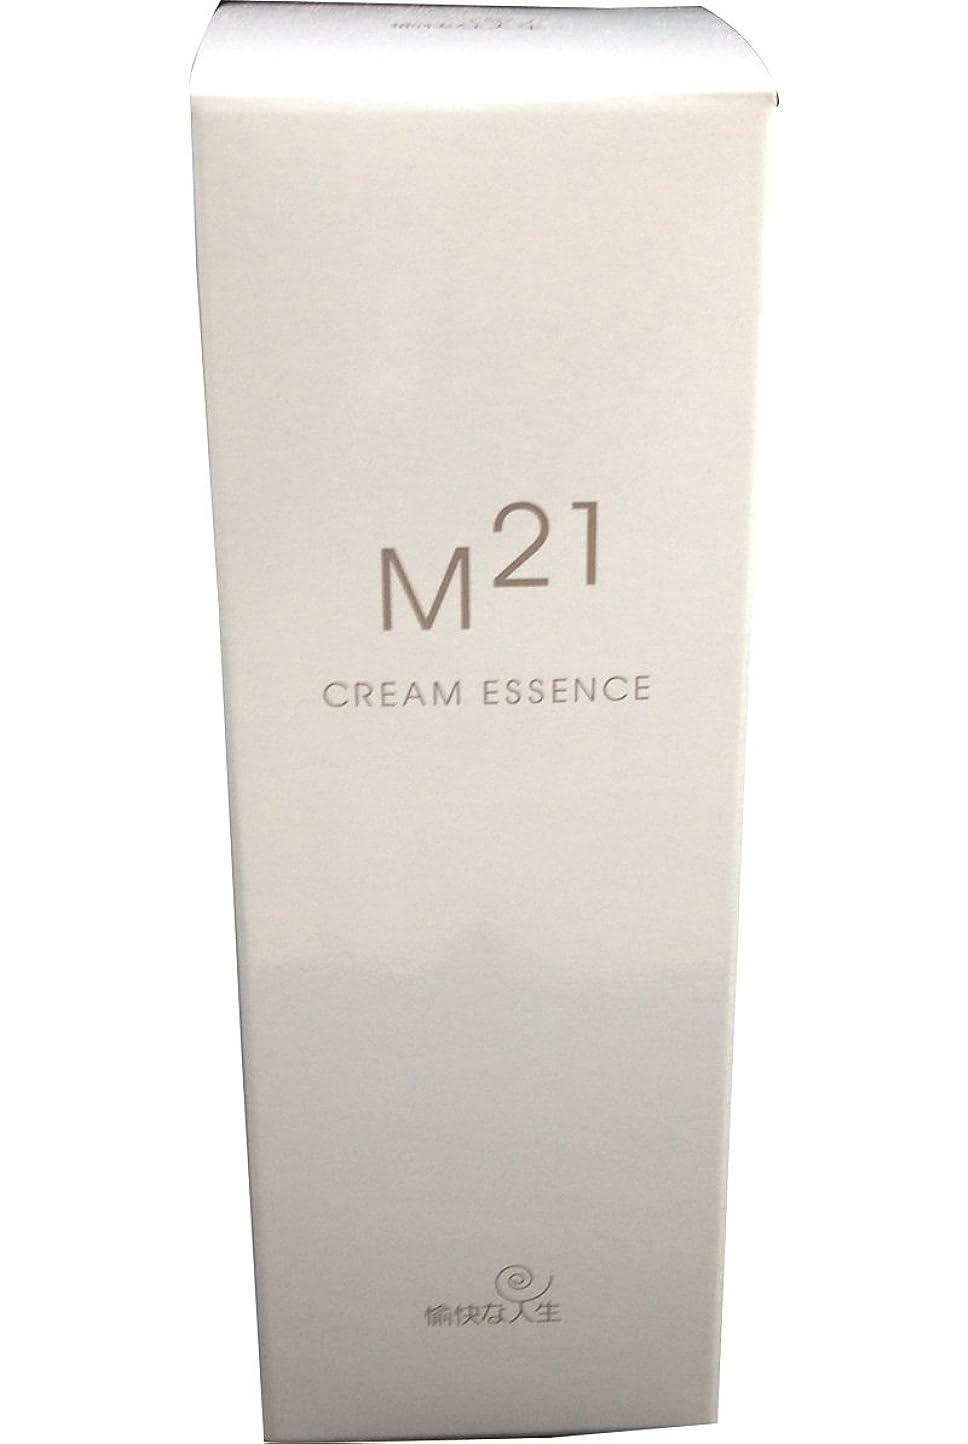 紫の援助するなしでM21クリームエッセンス 自然化粧品M21